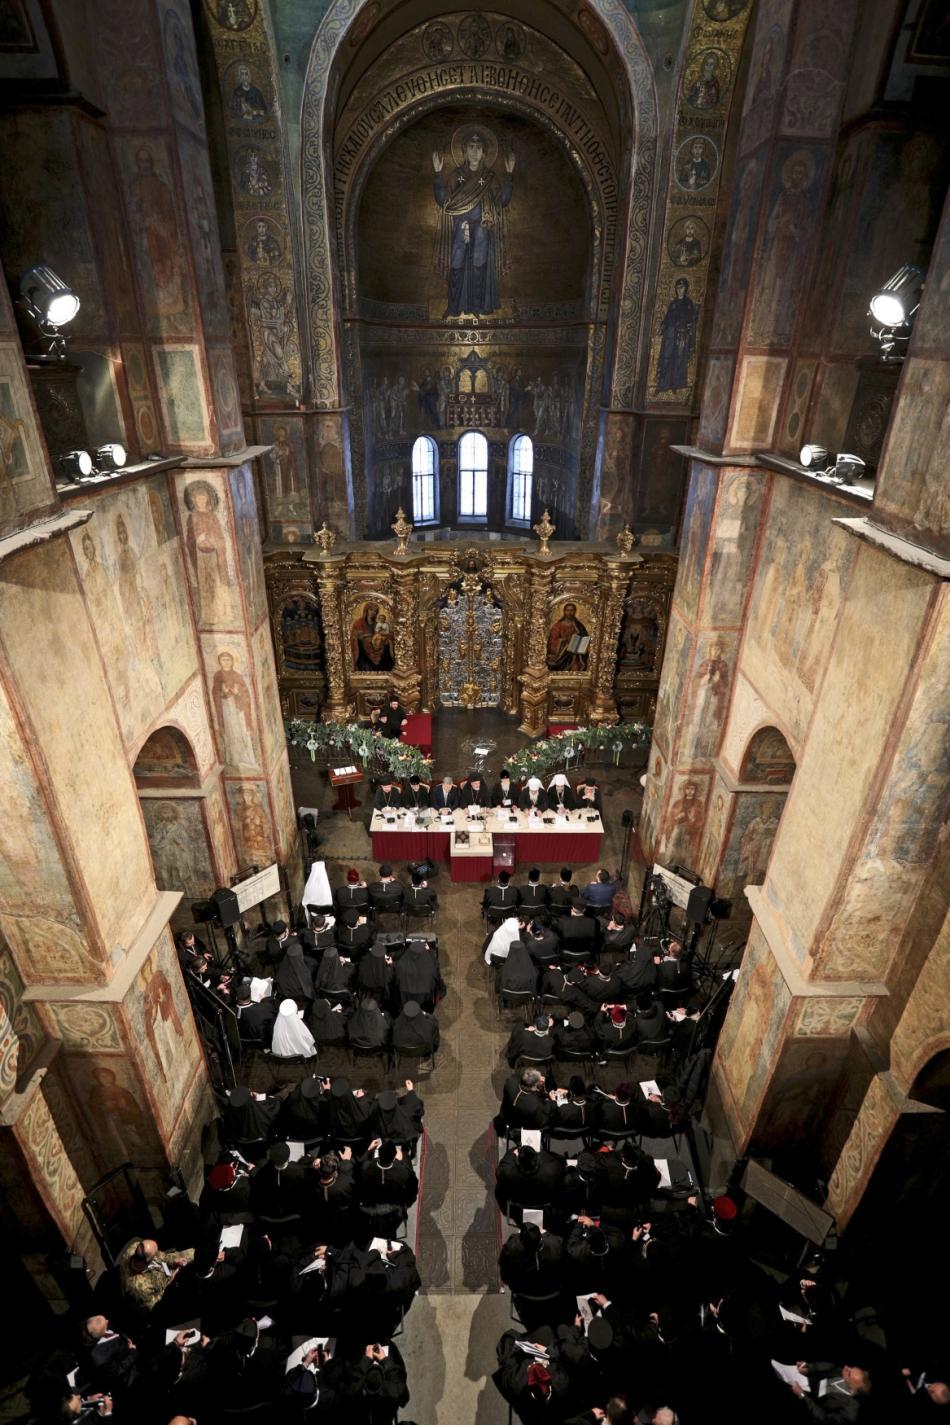 Pravoslavný synod v kyjevské katedrále svaté Sofie